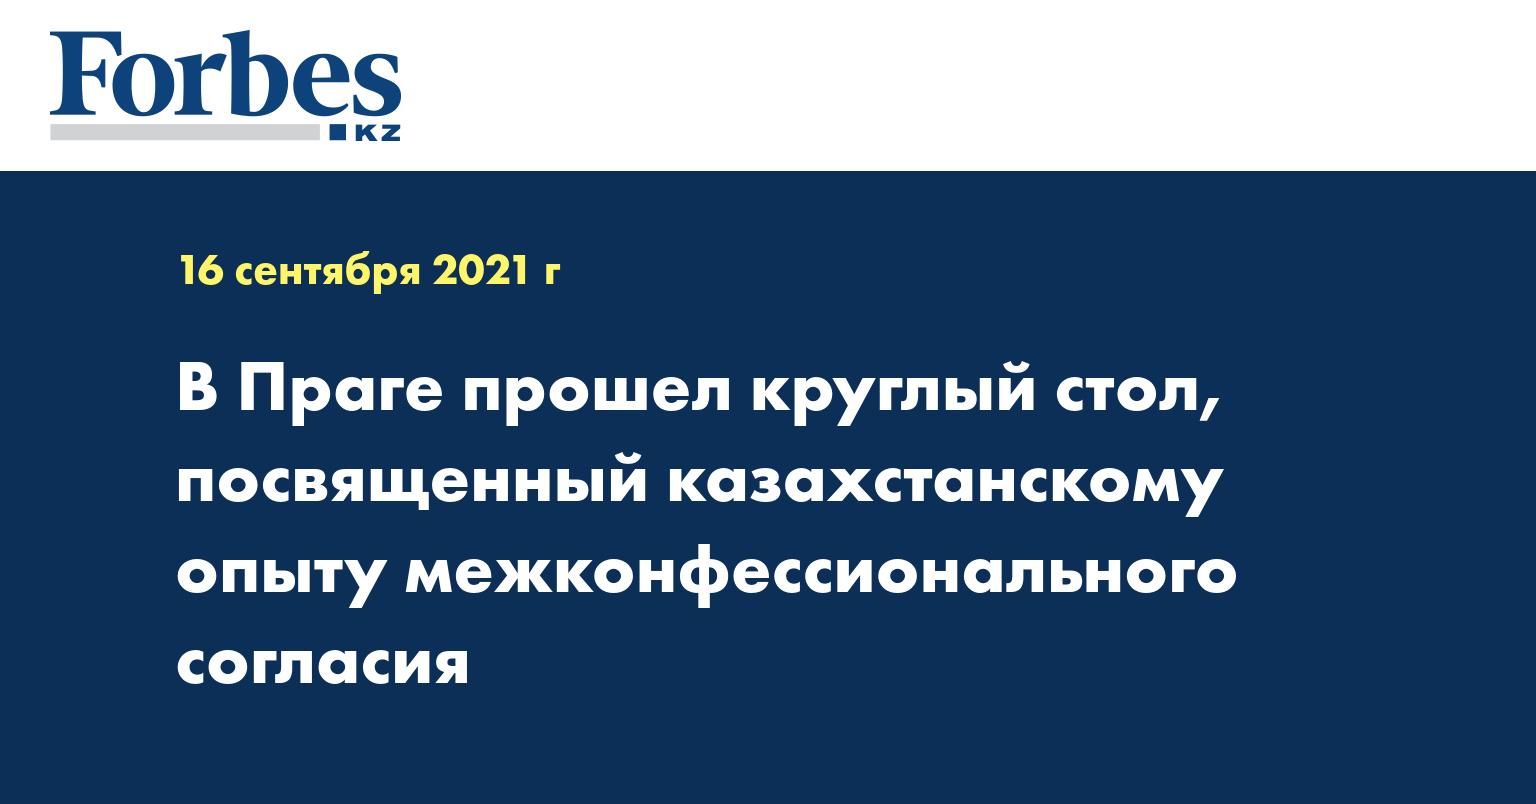 В Праге прошел круглый стол, посвященный казахстанскому опыту межконфессионального согласия